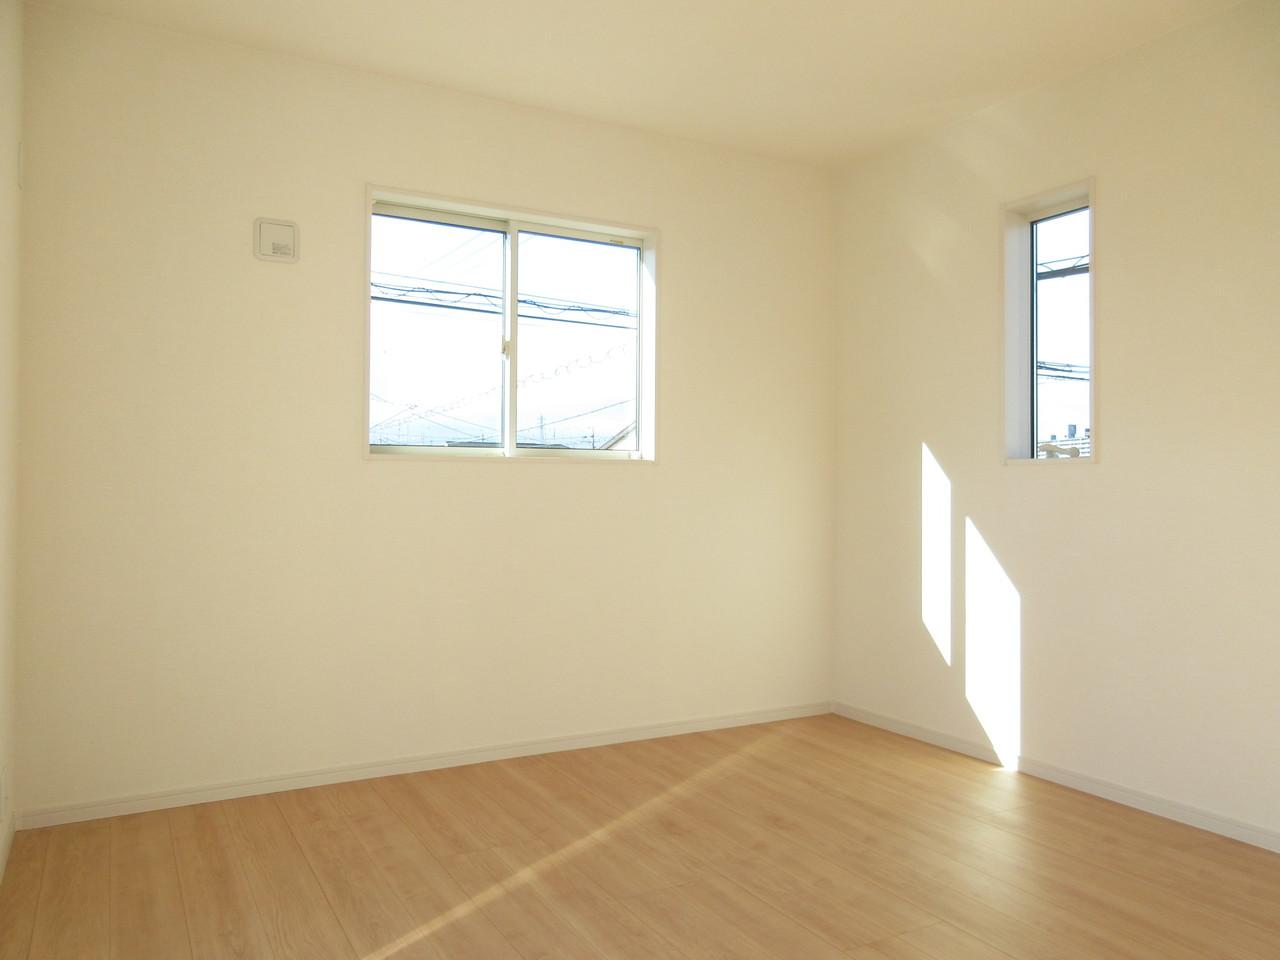 室内は木目の落ち着きの感じられる雰囲気になっています。